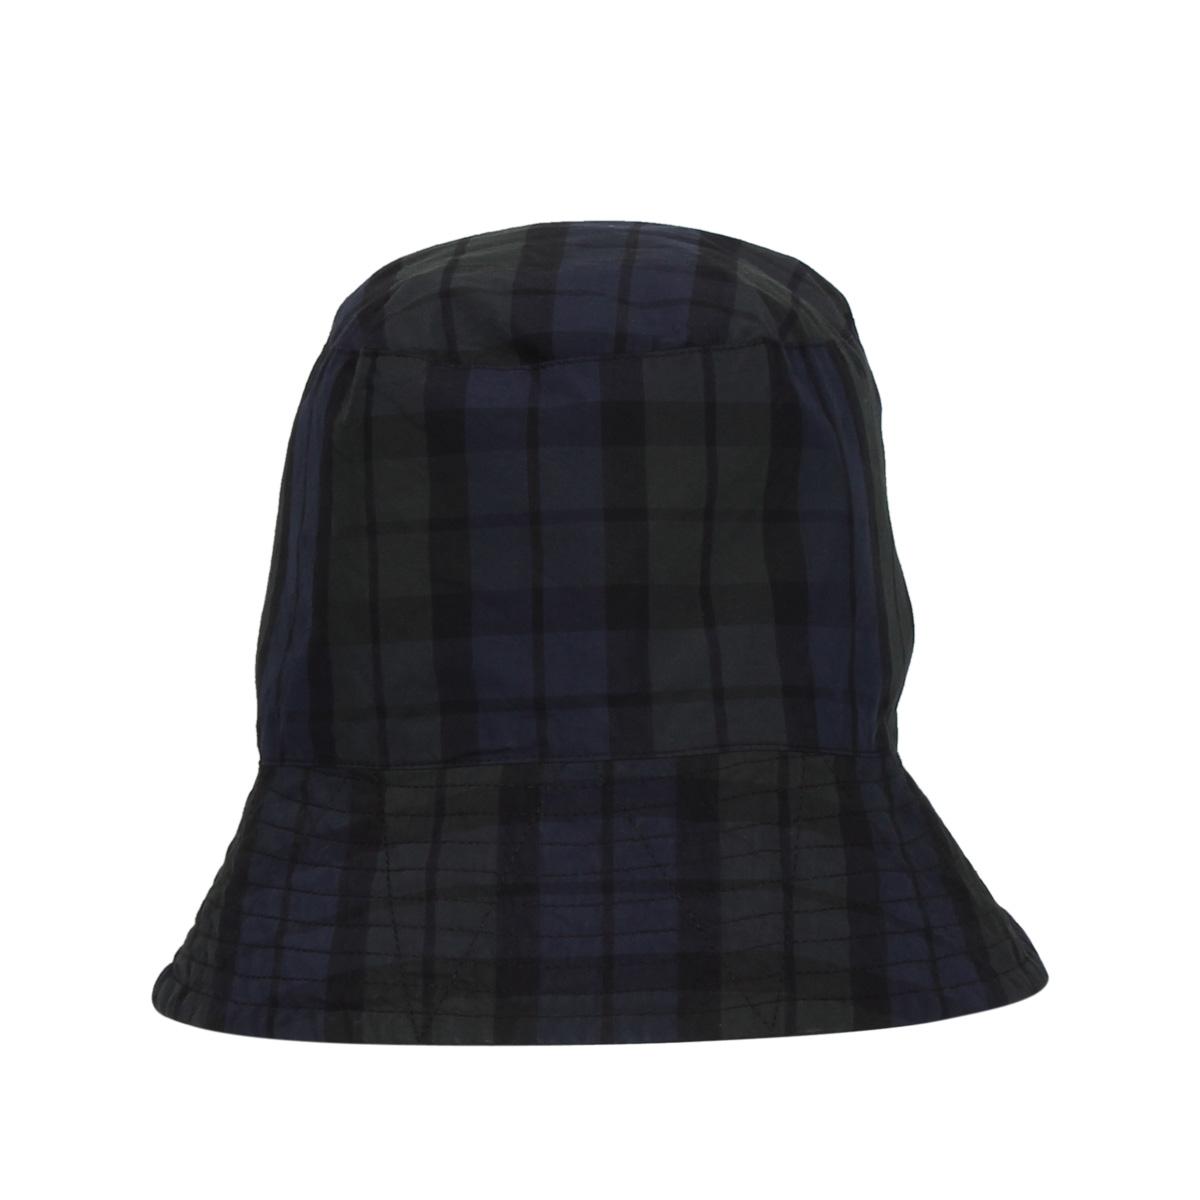 ENGINEERED GARMENTS BUCKET HAT エンジニアド ガーメンツ ハット 帽子 バケットハット メンズ レディース ネイビー 20S1H003 [3/26 新入荷]